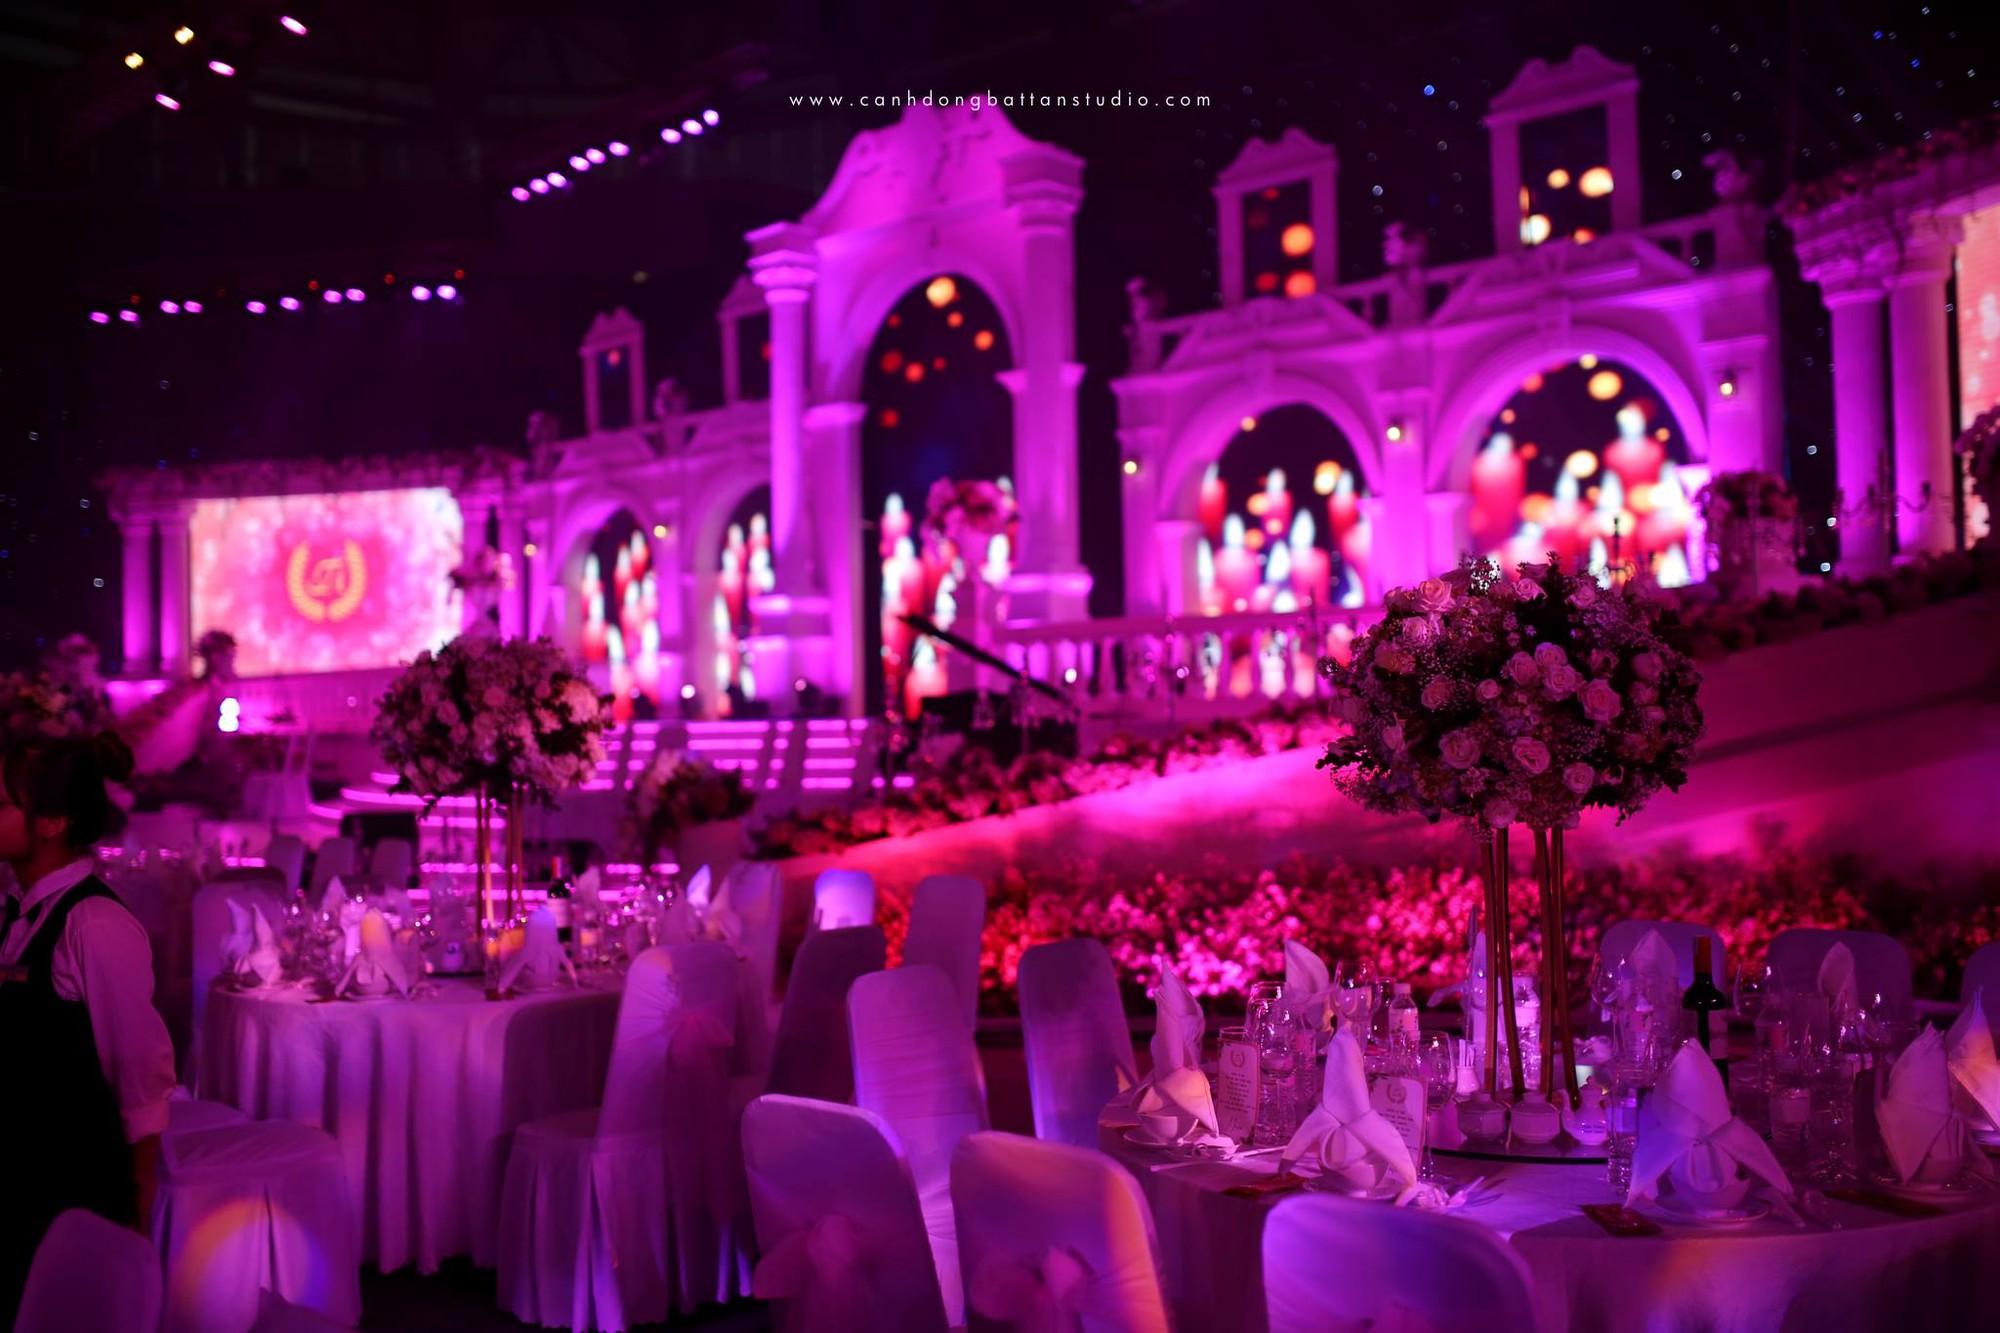 Đám cưới siêu khủng ở Đà Nẵng: Thuê nhà thi đấu có sức chứa hơn 7.000 khách, mời dàn ca sĩ nổi tiếng Đàm Vĩnh Hưng, Dương Triệu Vũ - Ảnh 2.